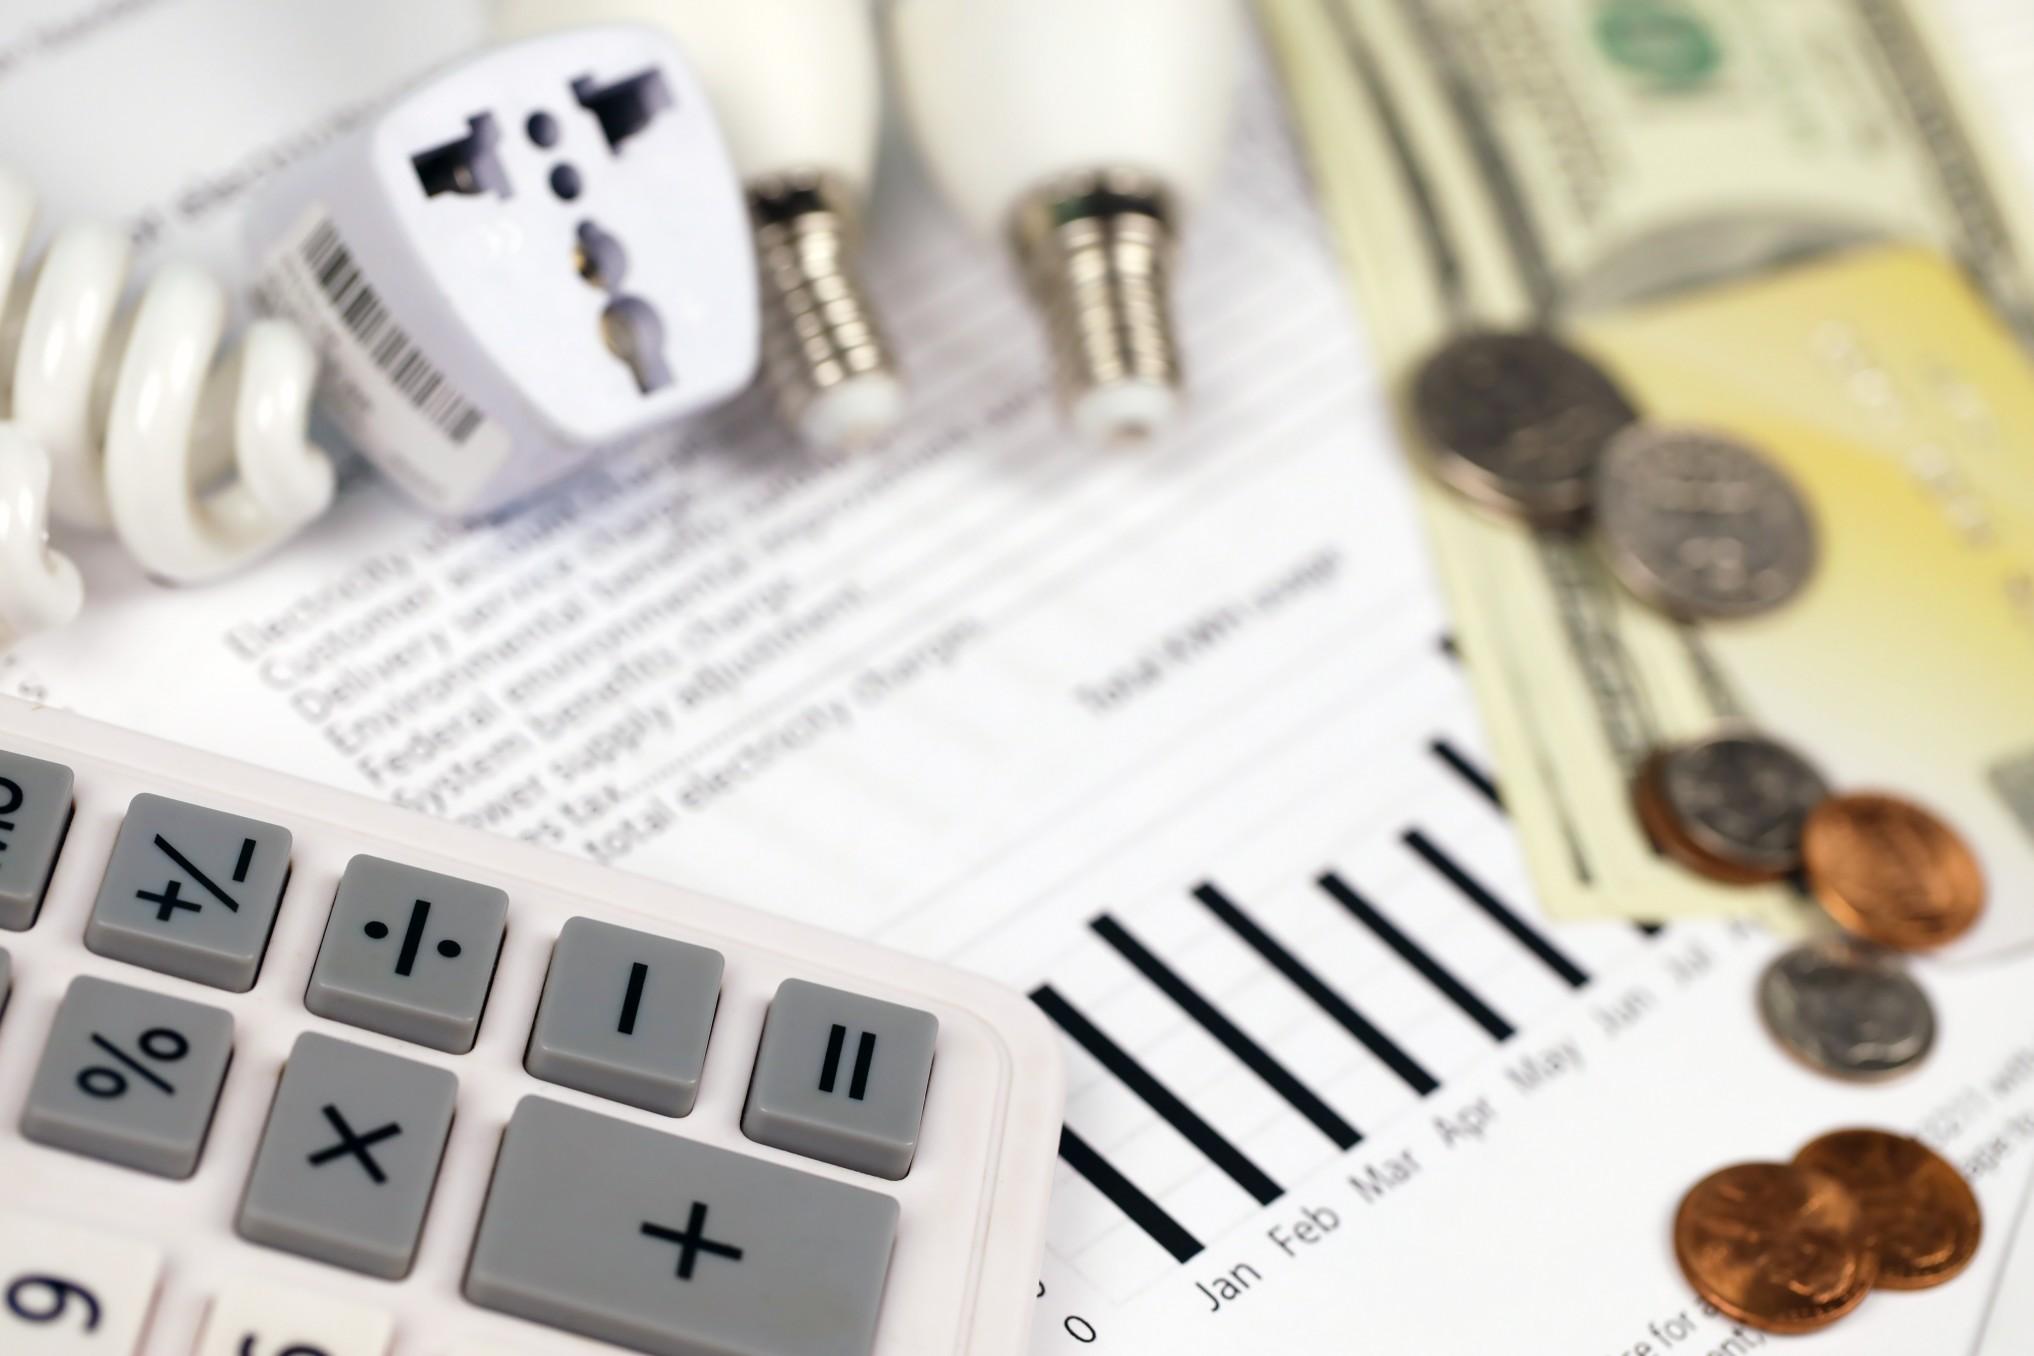 Geld sparen im Haushalt durch Strom sparen & Anbieter Wechsel! BILD: @Mehaniq via Twenty20